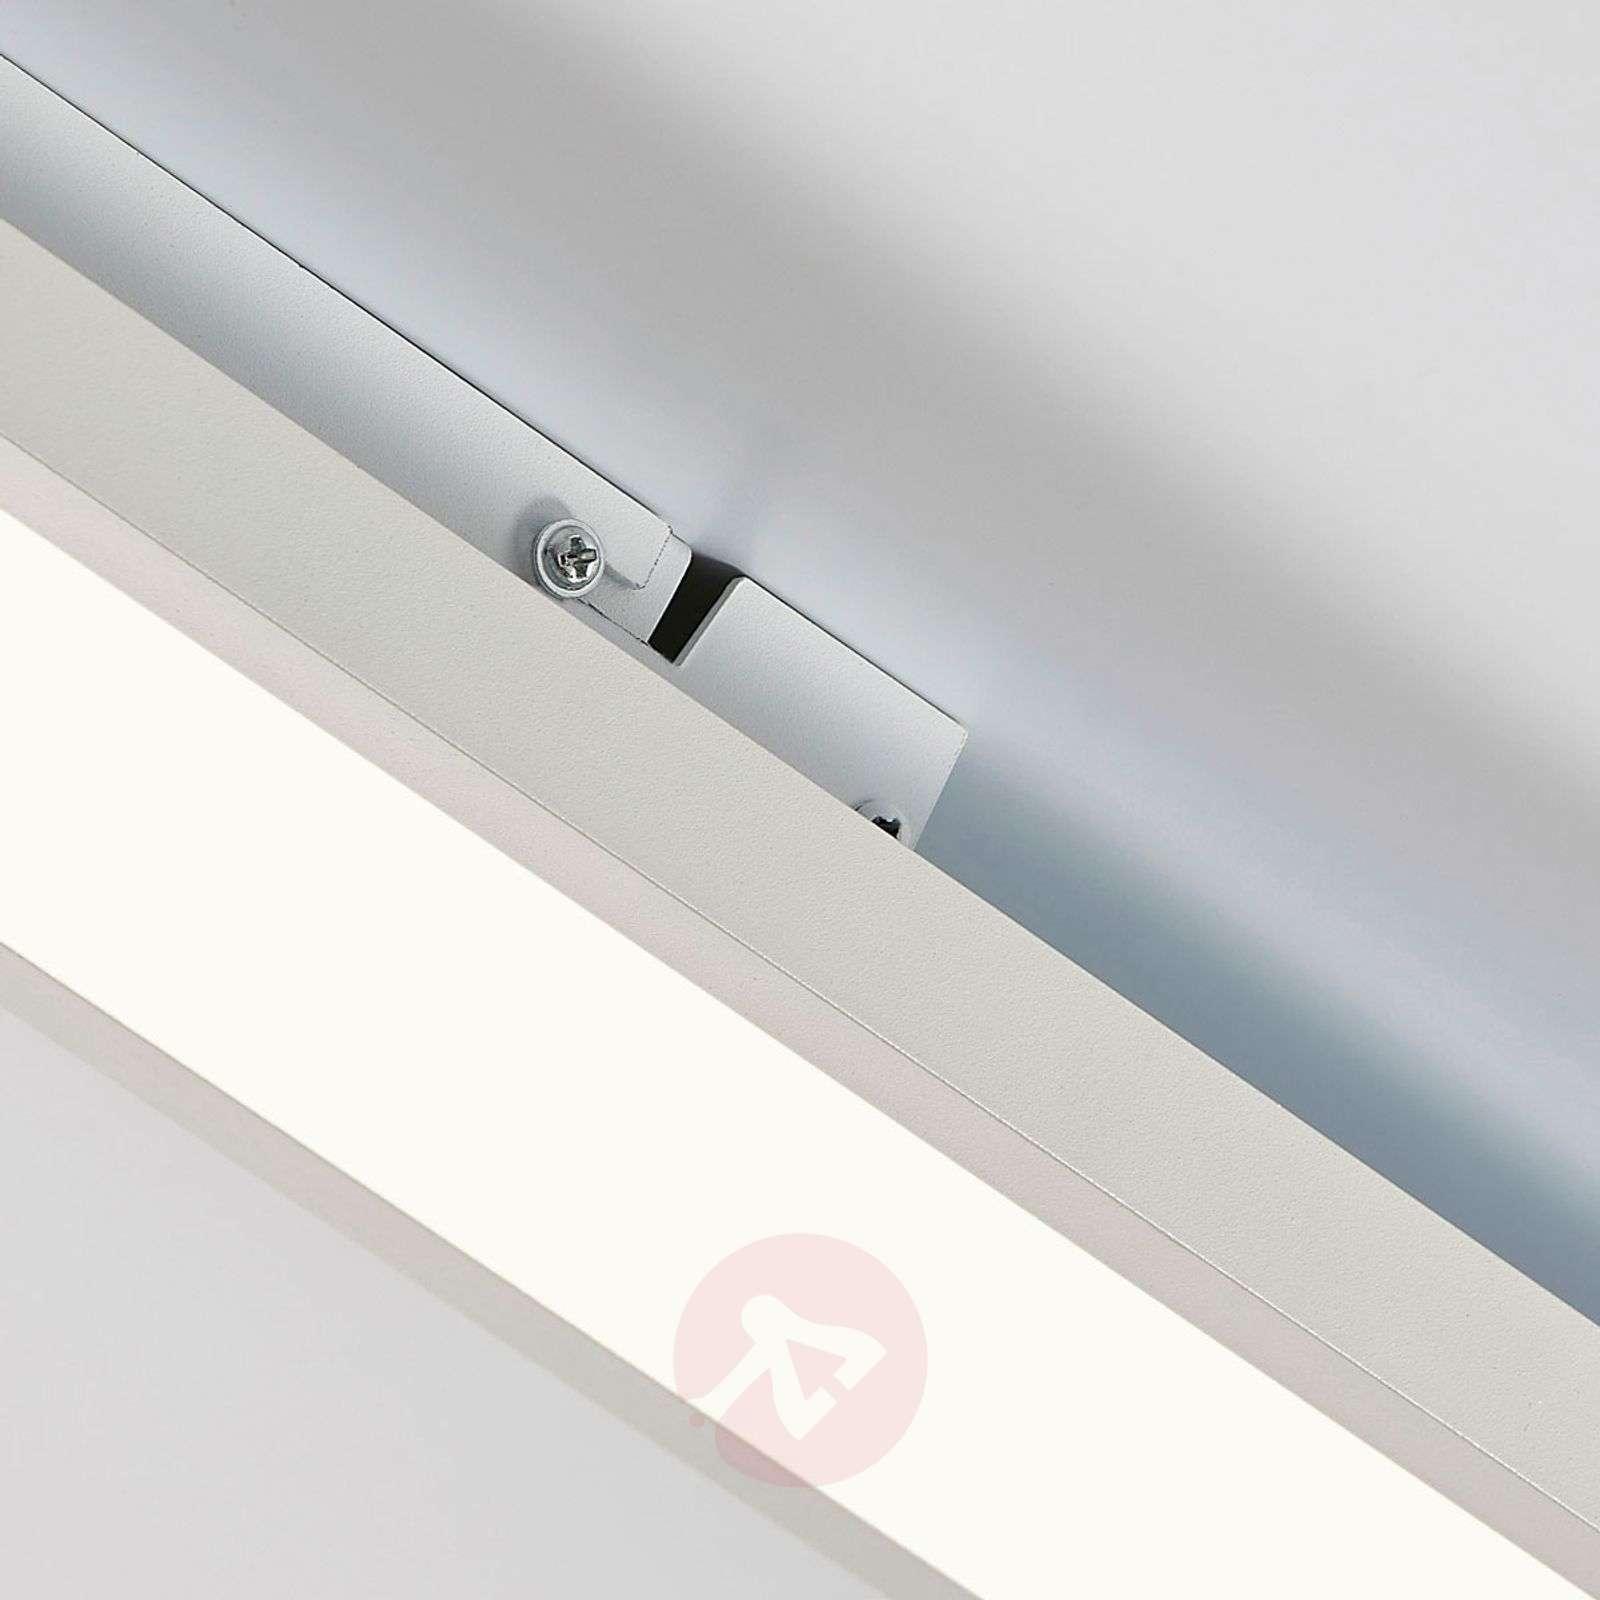 Enora – LED-paneeli, jossa hyvä valoteho-9621220-02